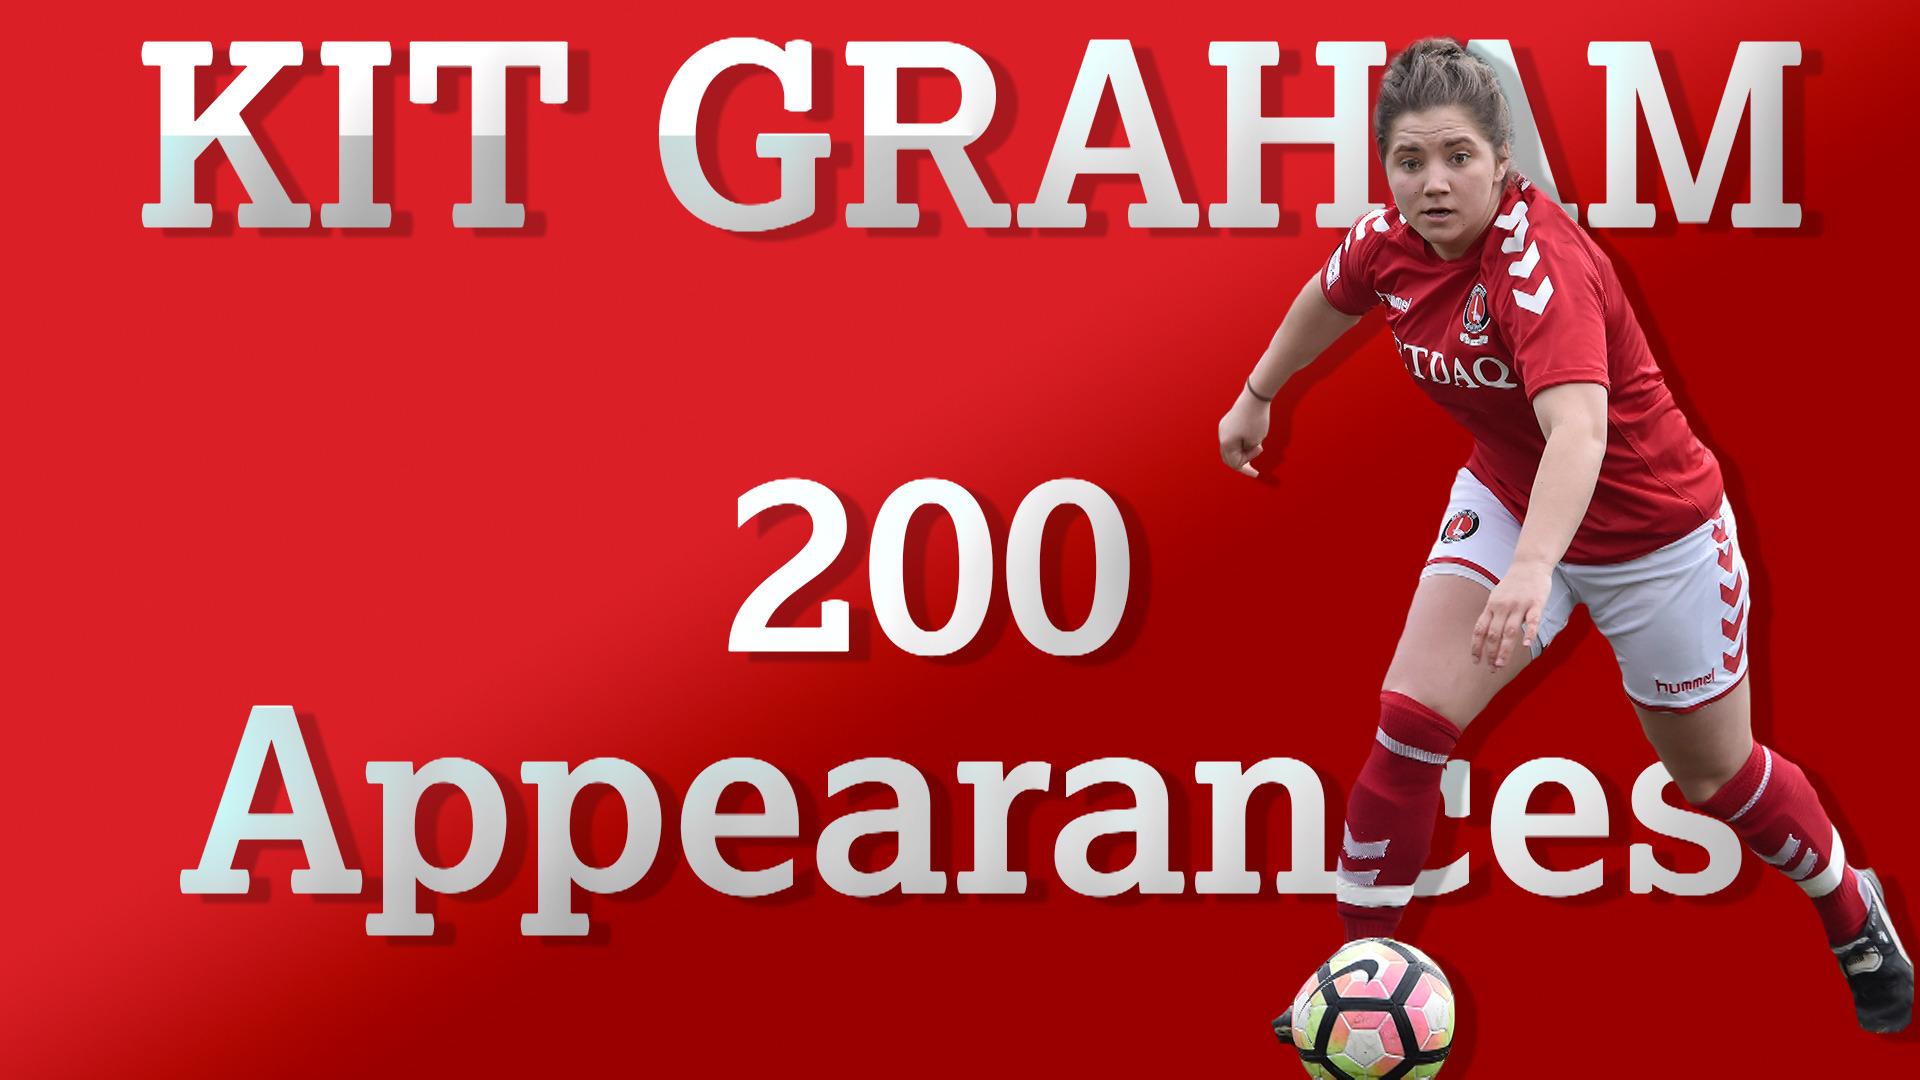 Kit Graham makes 200 appearances for the Charlton Women